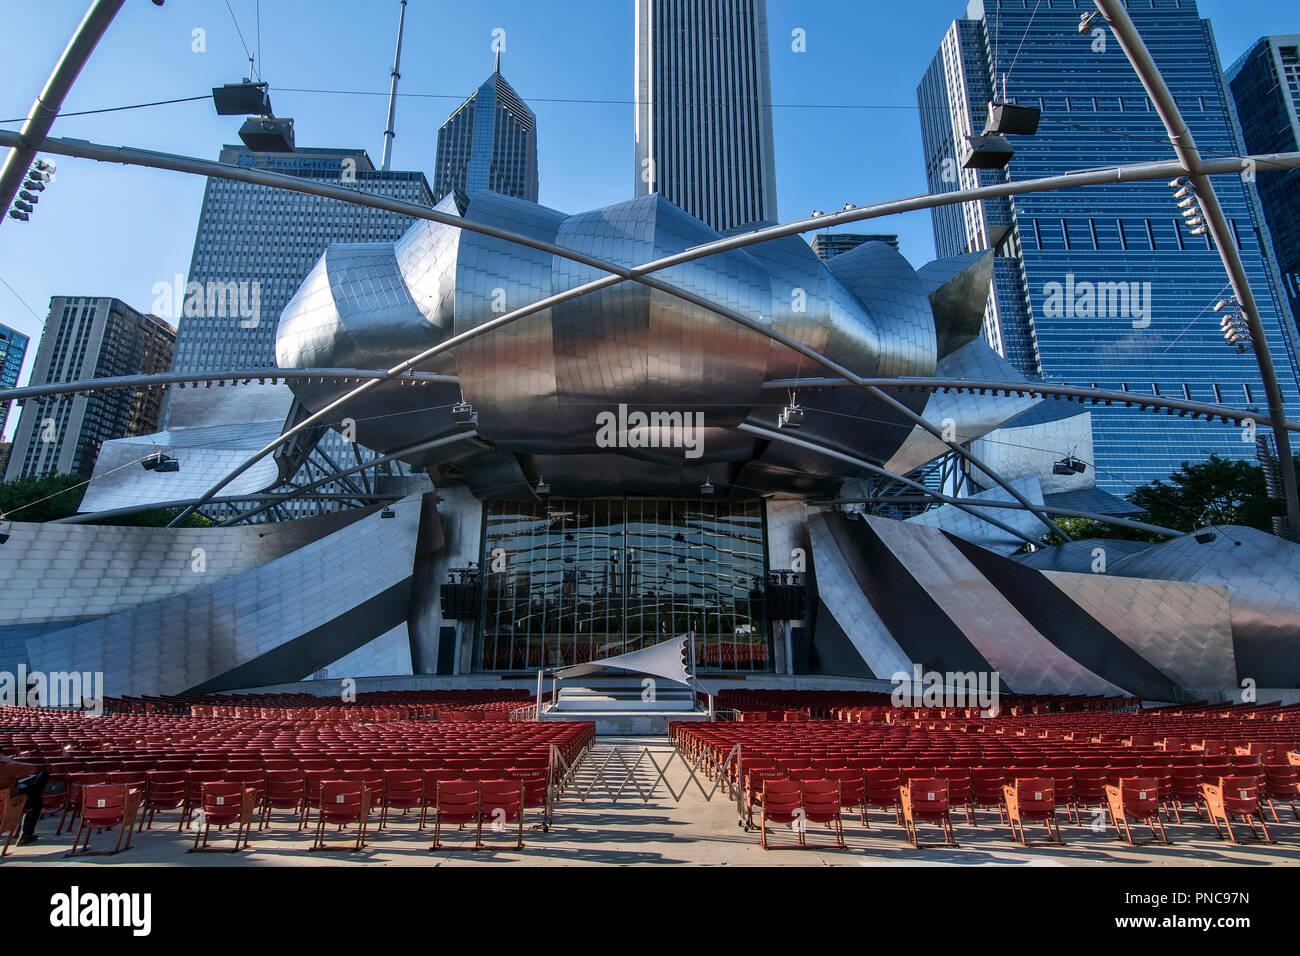 Amphitheater Jay Pritzker Pavilion von Architekt Frank O. Gehry im Millennium Park von Chicago, IL. - Stock Image